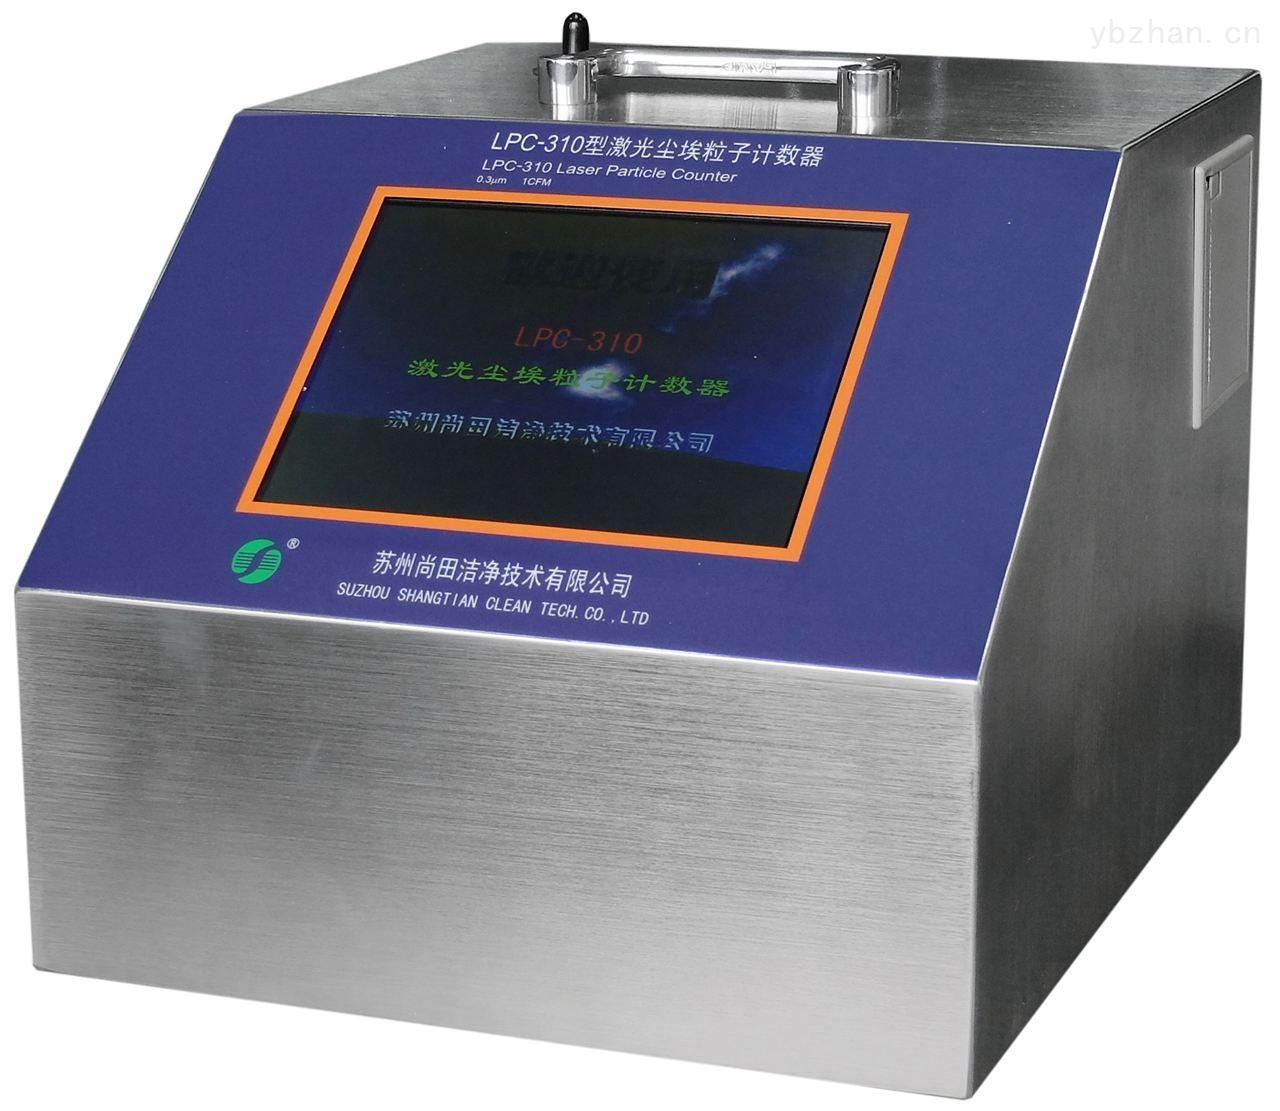 大流量台式激光粒子计数器多少钱